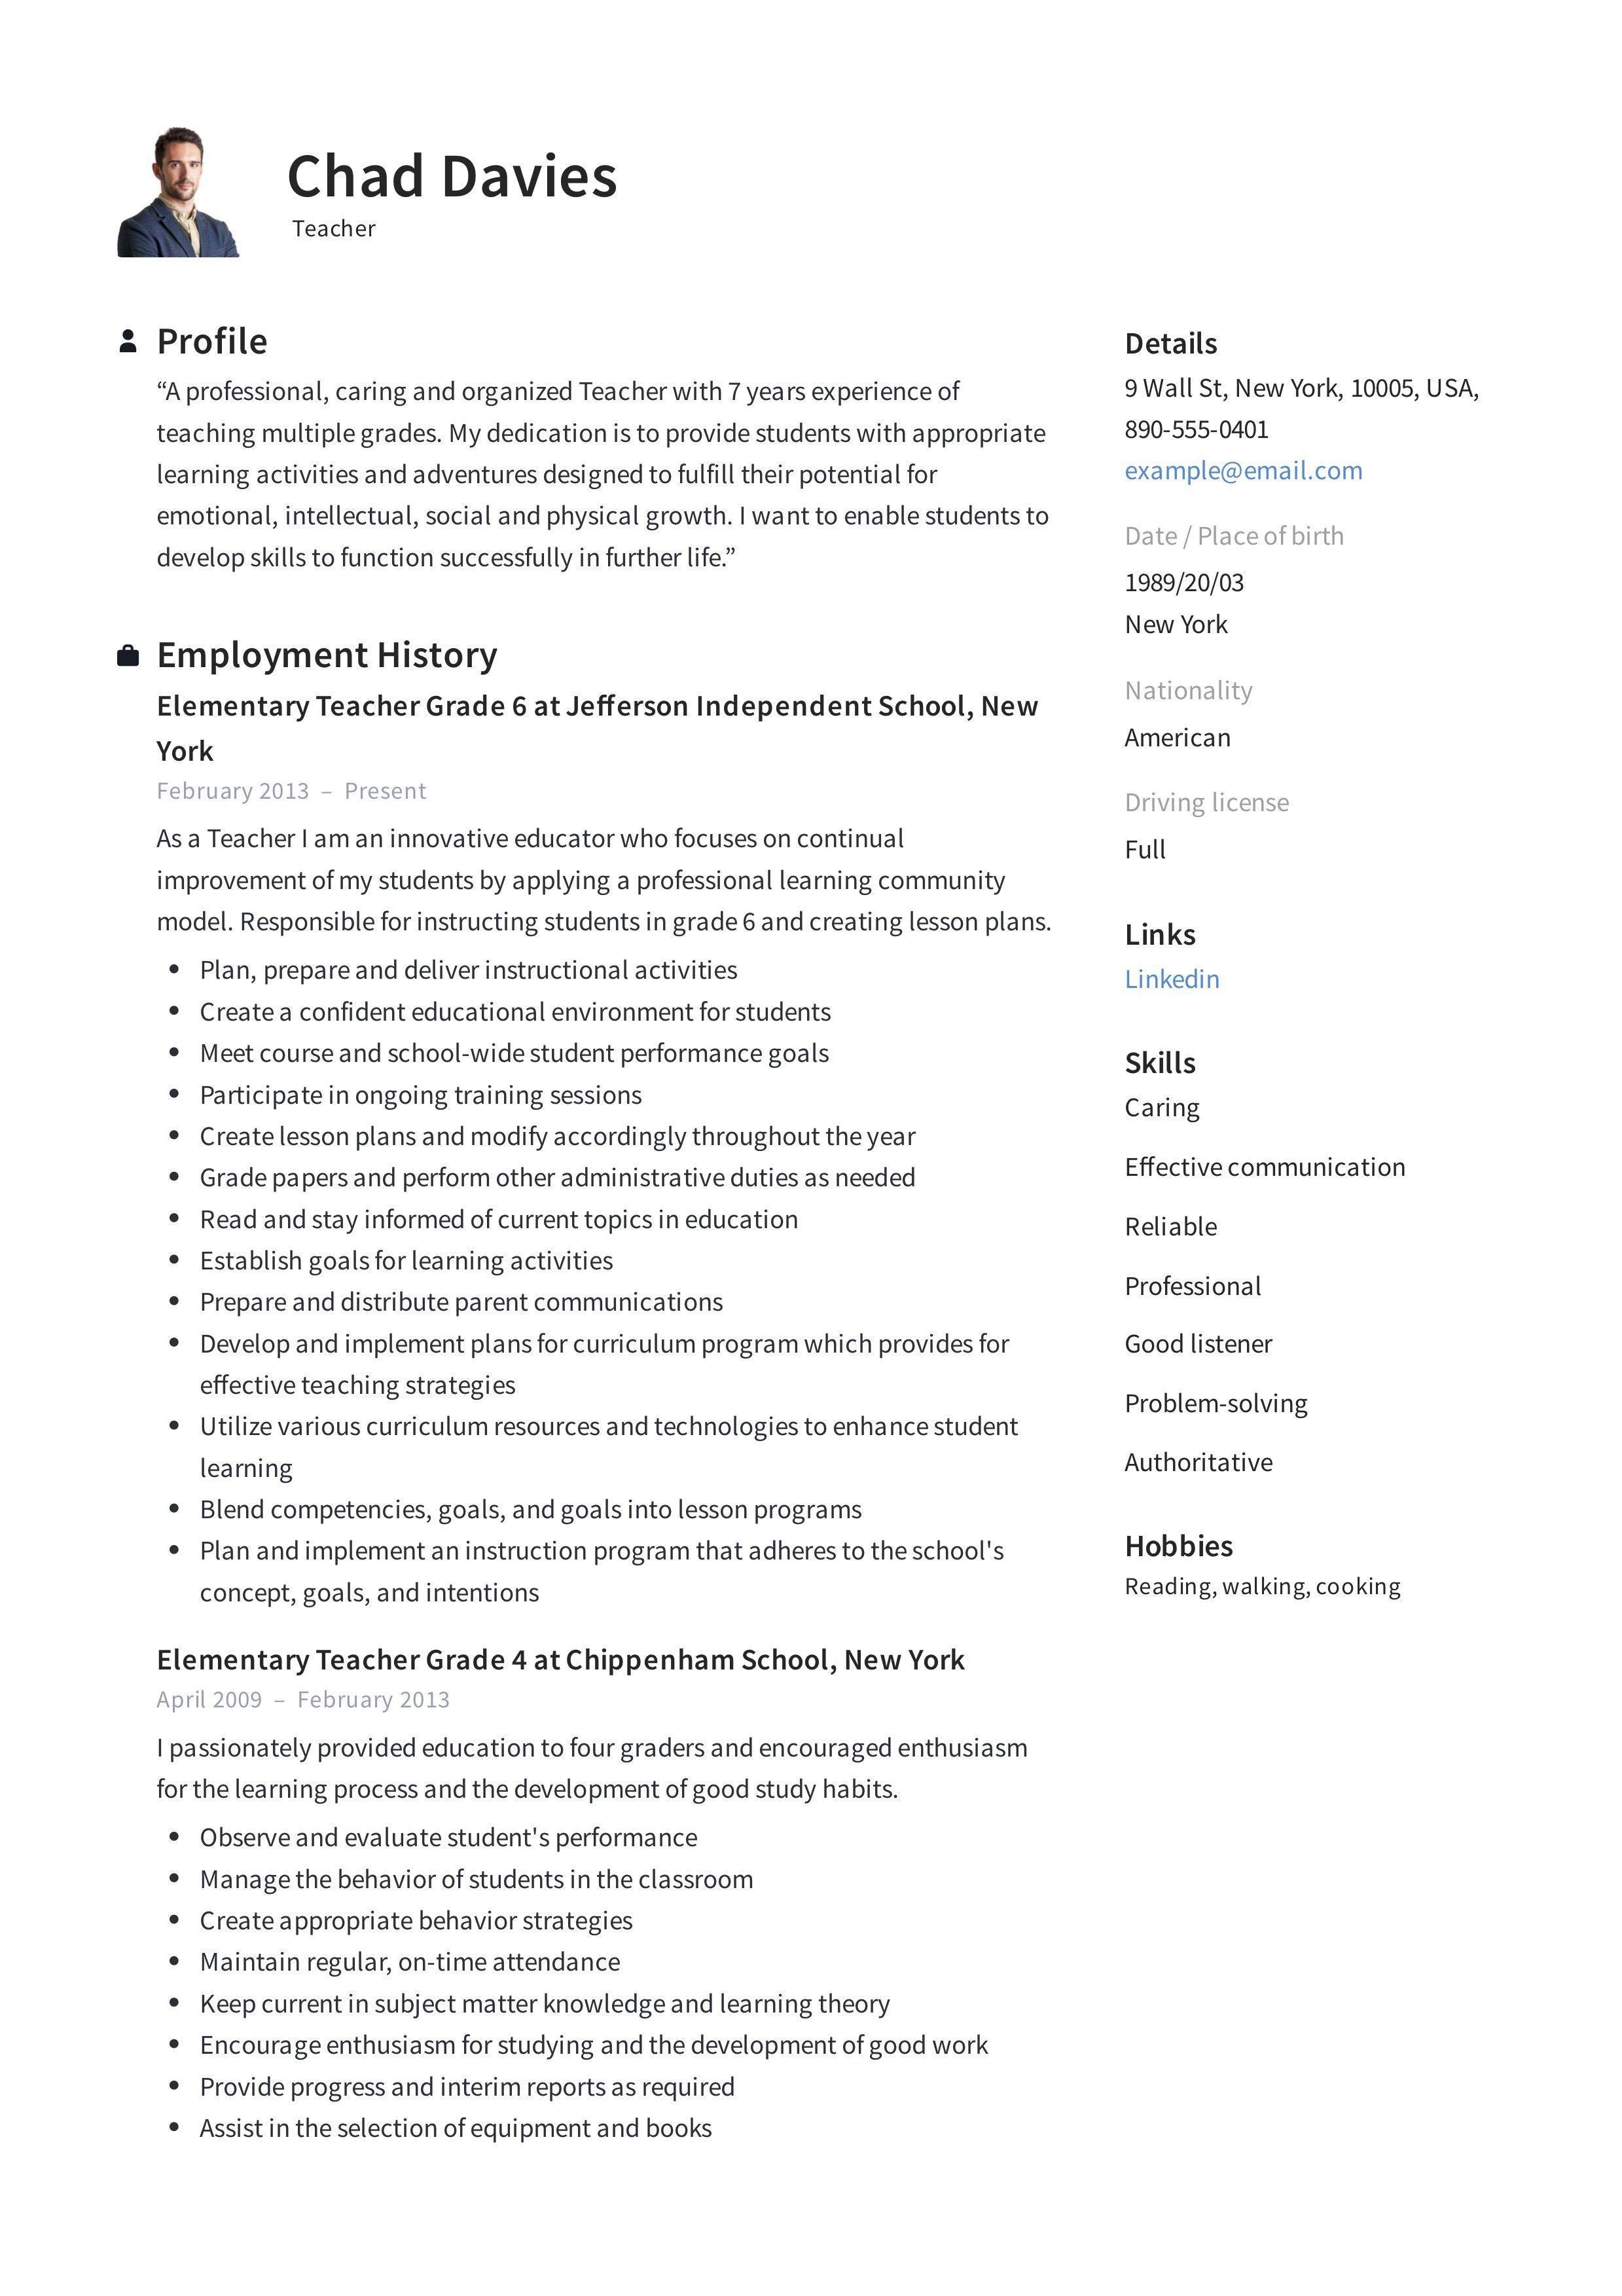 004 Sensational Resume Sample For Teaching Position Highest Quality  Teacher Aide In CollegeFull